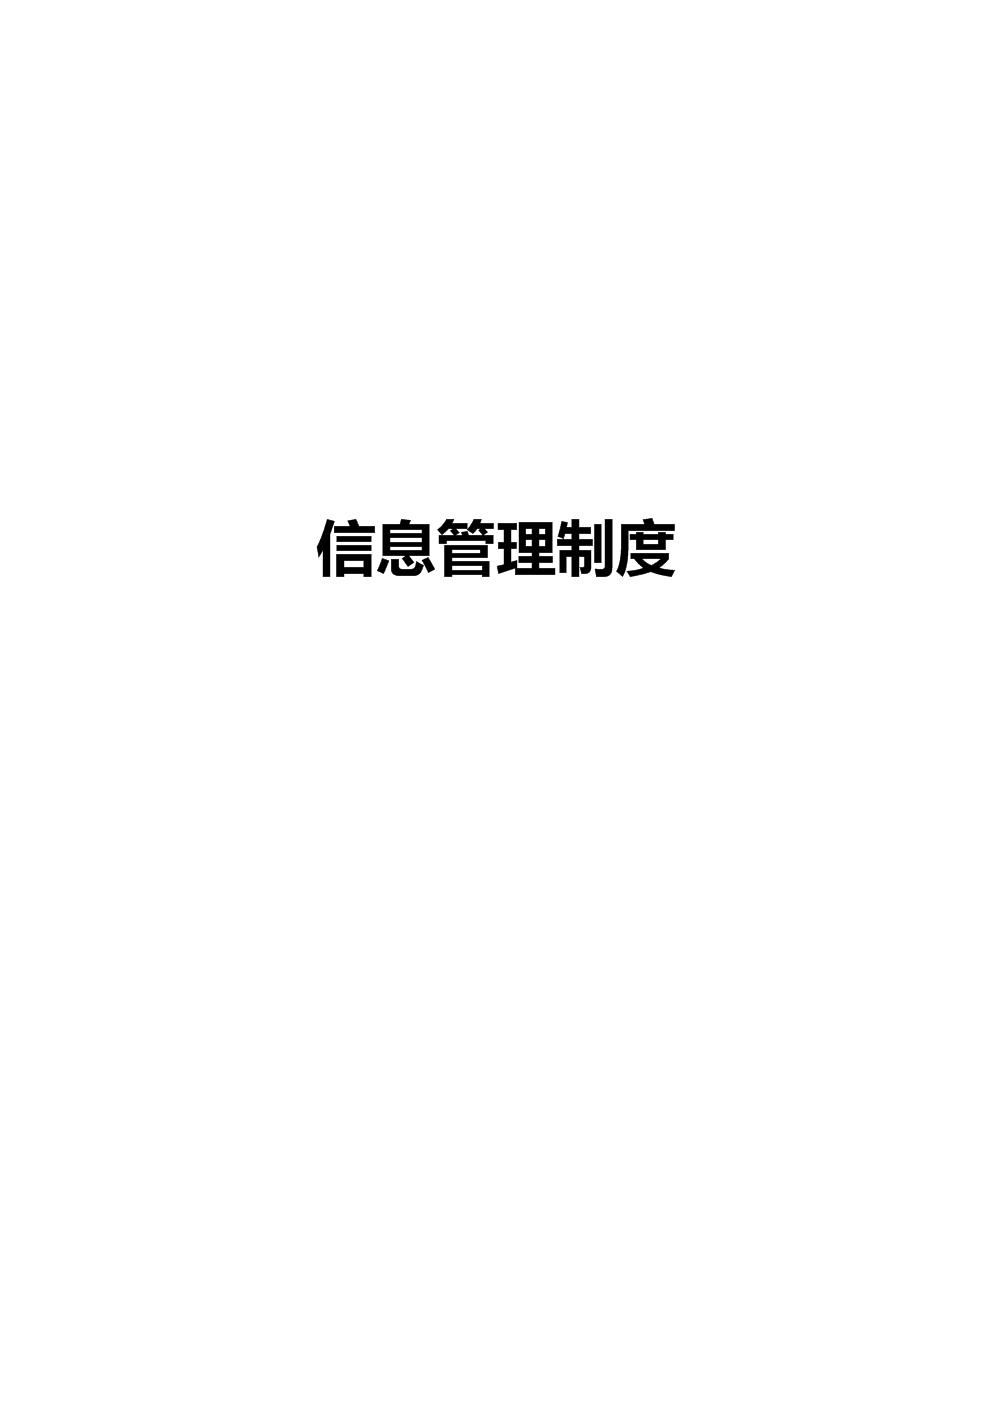 2019年信息管理制度.doc